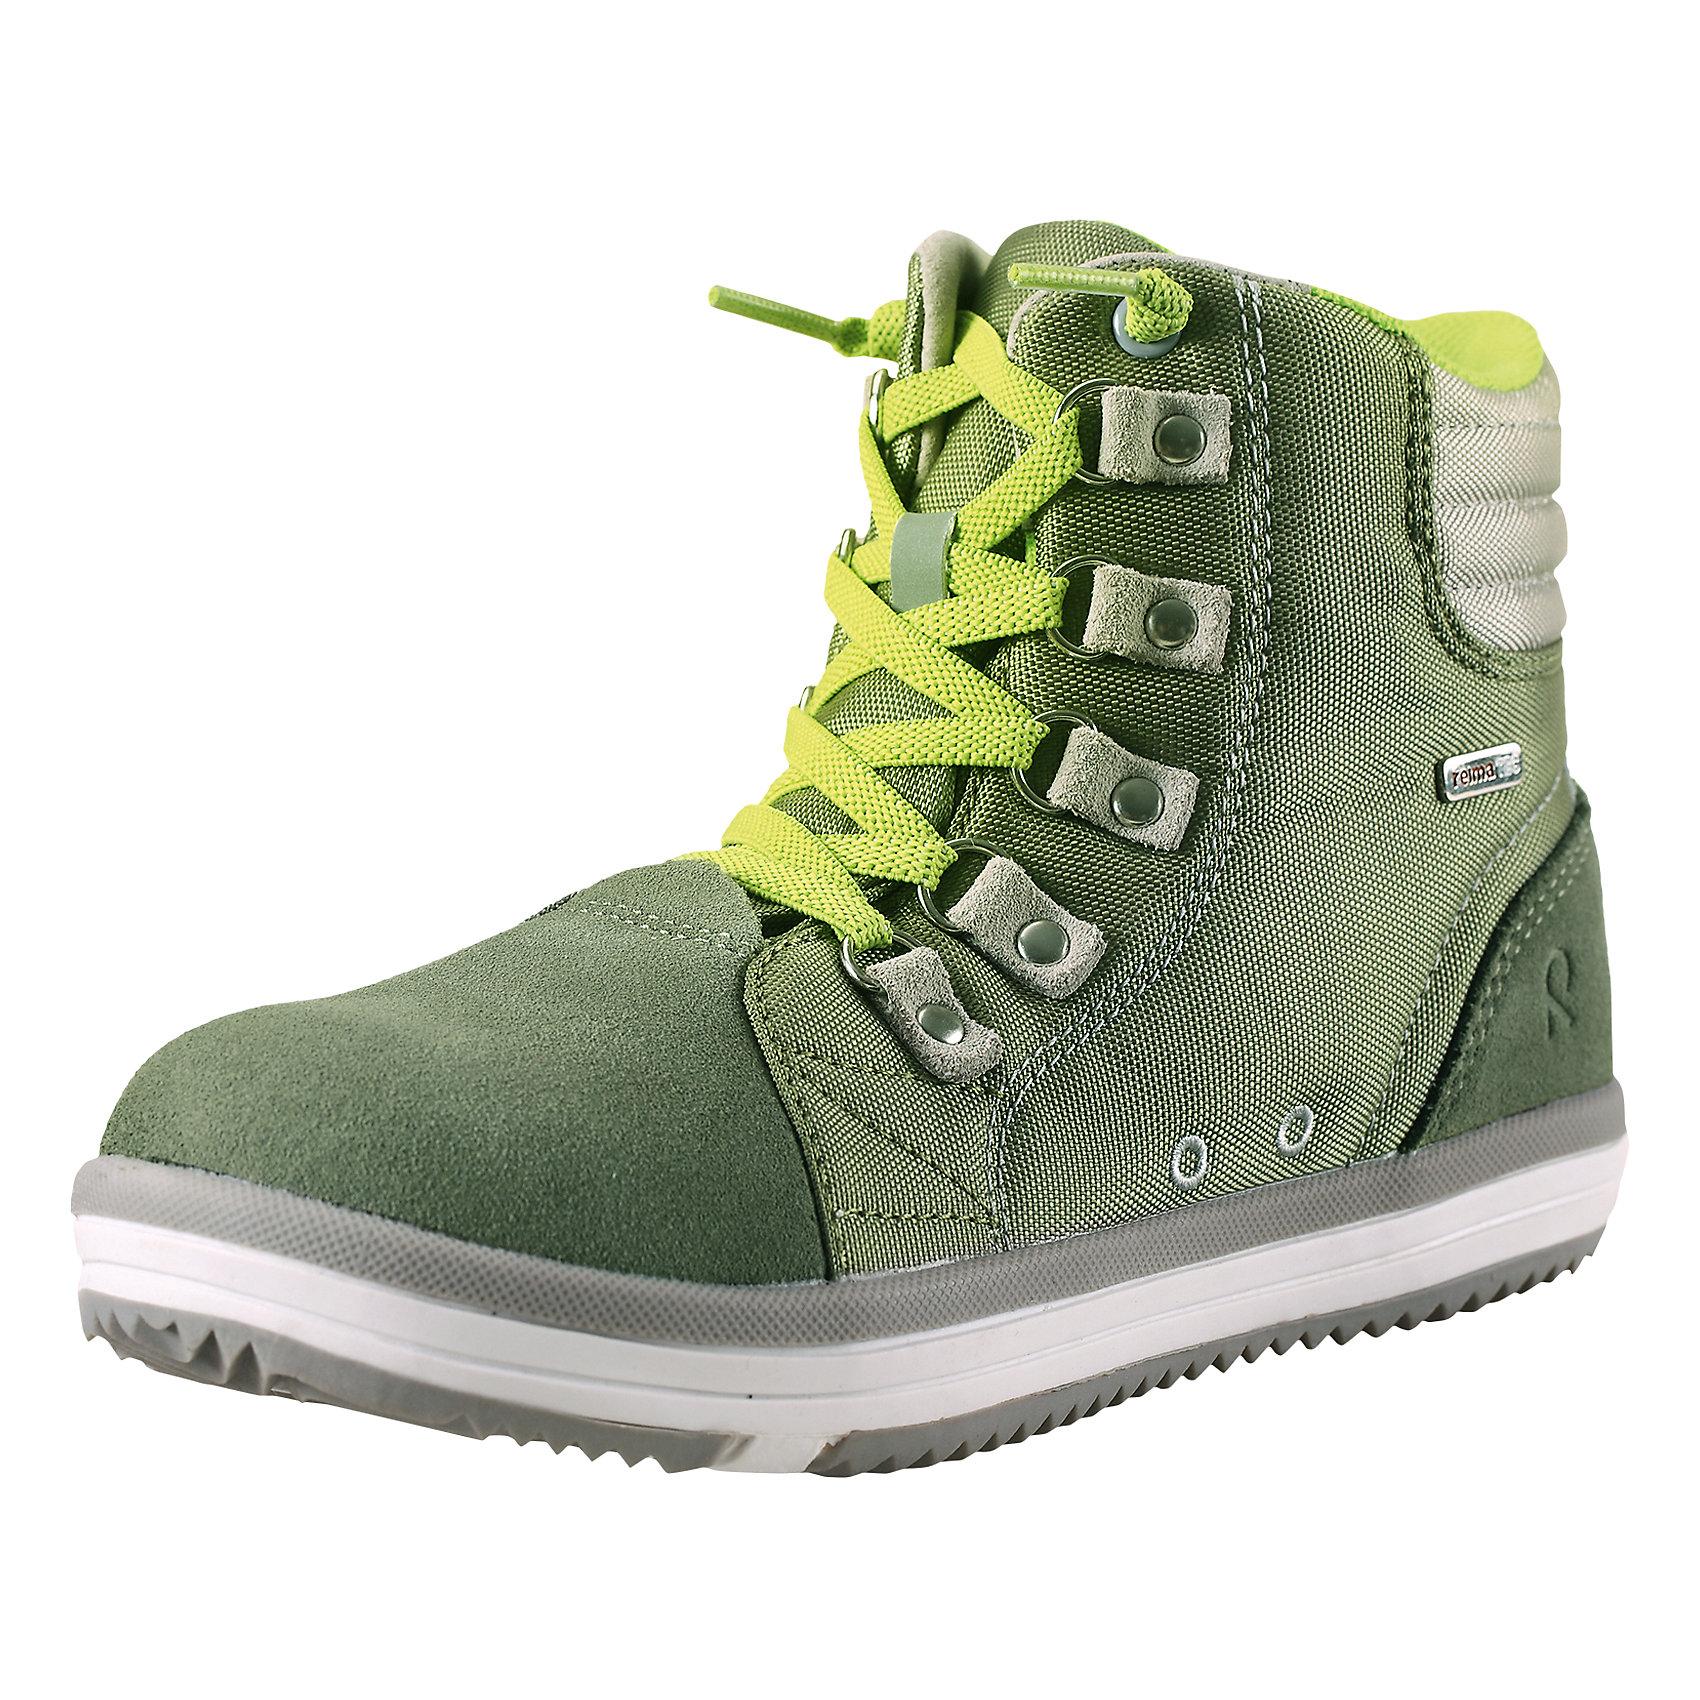 Ботинки Wetter Reimatec ReimaКлассика - водонепроницаемые кроссовки Reimatec®! Верхняя часть изготовлена из гибкого полиамида, носовая и задняя части усилены замшем из коровьей кожи. Яркие сочные расцветки прекрасно комбинируются с различной верхней одеждой и аксессуарами Reima®. К обуви идут в наборе две пары шнурков – в добавок к обычным обувным шнуркам вы можете попробовать новые, эластичные шнурки, быстрые и удобные в использовании! Обувь снабжена уникальными съемными стельками Reima с принтом Happy Fit, которые помогают правильно определить размер.<br><br>Дополнительная информация:<br><br>Кроссовки для детей<br>Водонепроницаемая демисезонная обувь<br>Верх из натуральной замши (из телячьей кожи) и текстиля<br>Подошва Reima® из термопластичного каучука с рисунком Happy Fit<br>Водонепроницаемые, герметичные вставки с подкладкой из mesh-сетки<br>Съемные стельки с рисунком Happy Fit, которые помогают определить размер<br>Светоотражающие детали<br>Состав:<br>Подошва: термопластичная резина, Верх: 80% ПЭ 20% Кожа<br>Уход:<br>Храните обувь в вертикальном положении при комнатной температуре. Сушить обувь всегда следует при комнатной температуре: вынув съемные стельки. Стельки следует время от времени заменять на новые. Налипшую грязь можно счищать щеткой или влажной тряпкой. Перед использованием обувь рекомендуется обрабатывать специальными защитными средствами.<br><br>Ширина мм: 262<br>Глубина мм: 176<br>Высота мм: 97<br>Вес г: 427<br>Цвет: зеленый<br>Возраст от месяцев: 120<br>Возраст до месяцев: 132<br>Пол: Унисекс<br>Возраст: Детский<br>Размер: 34,37,32,29,24,27,35,38,36,33,31,30,28,26,25<br>SKU: 4498463